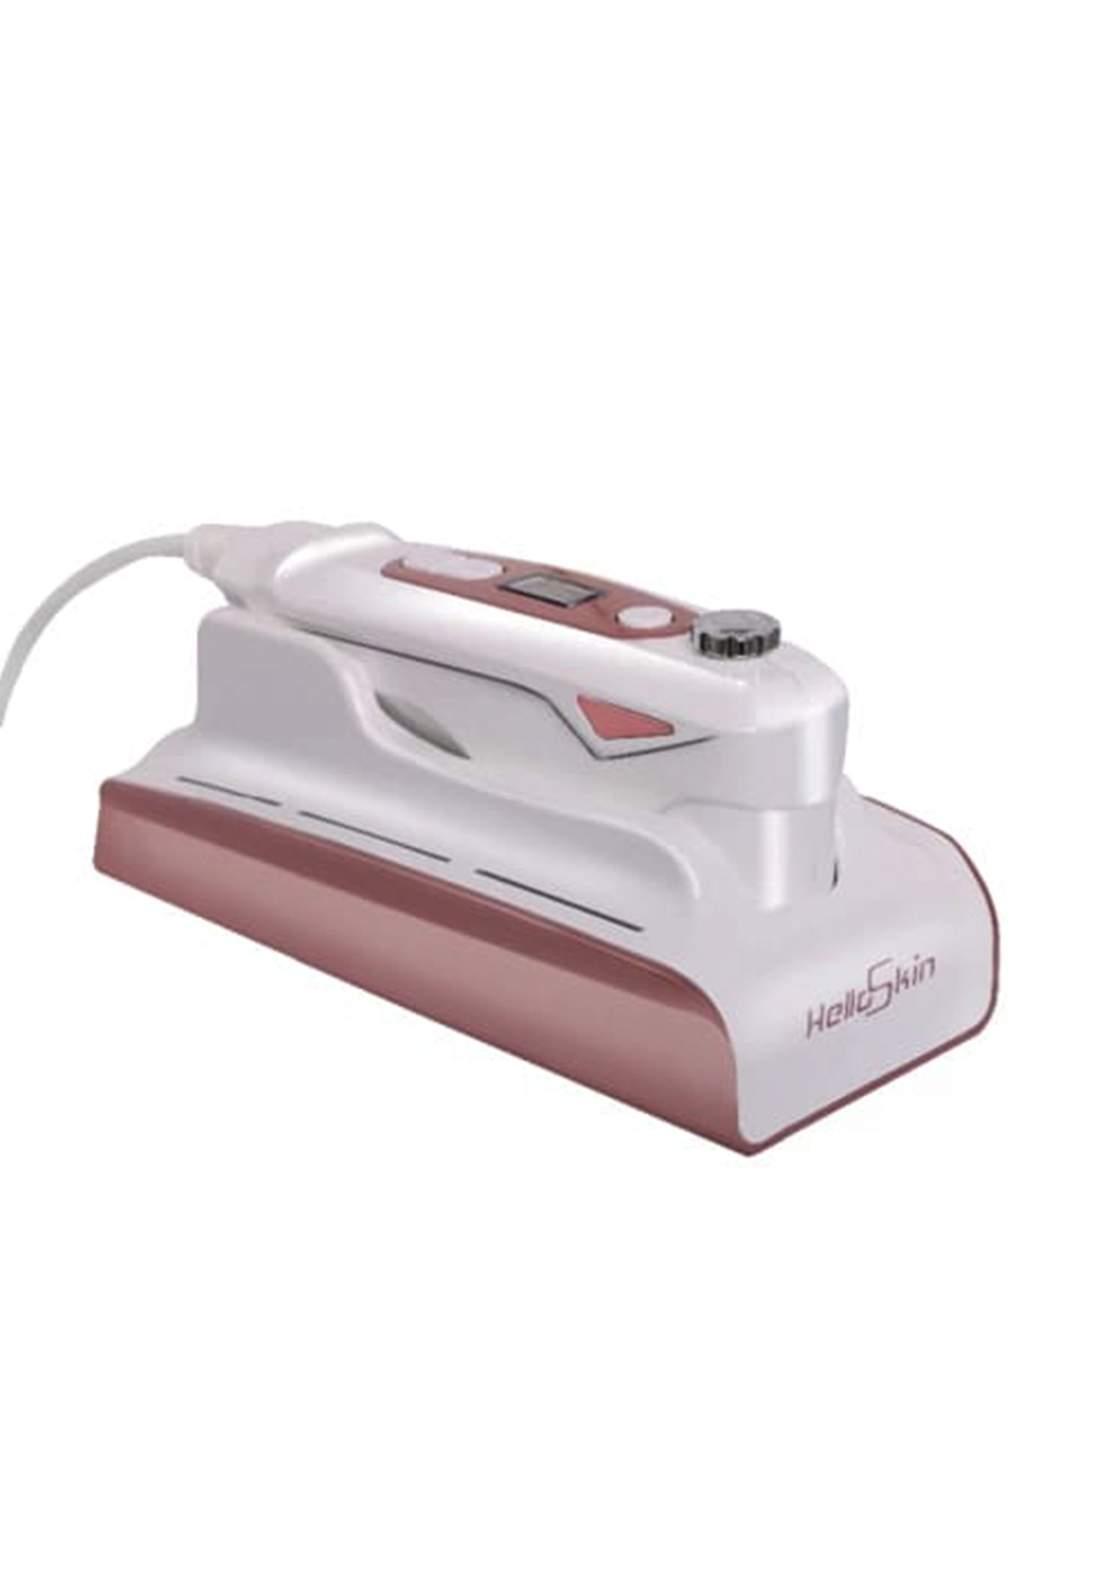 Mini Hifu High Intensity Focused Ultrasound جهاز هايفو منزلي